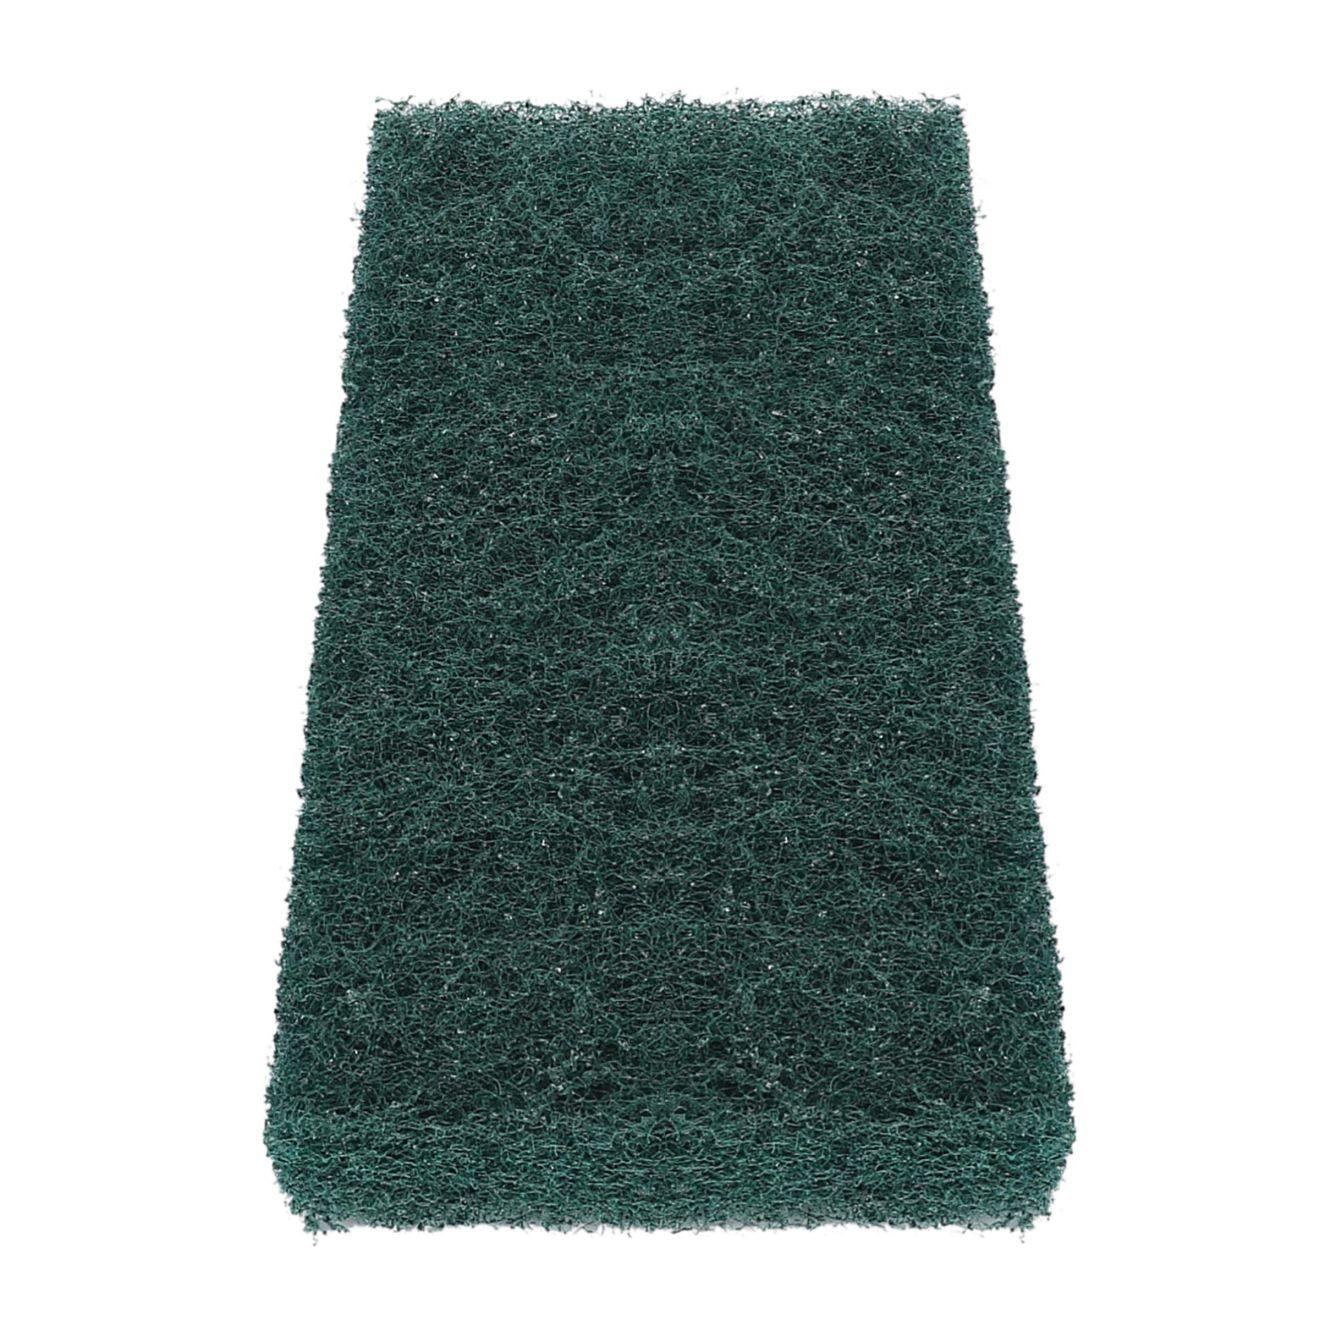 Odyn Green Medium Coarse Scrub Pad